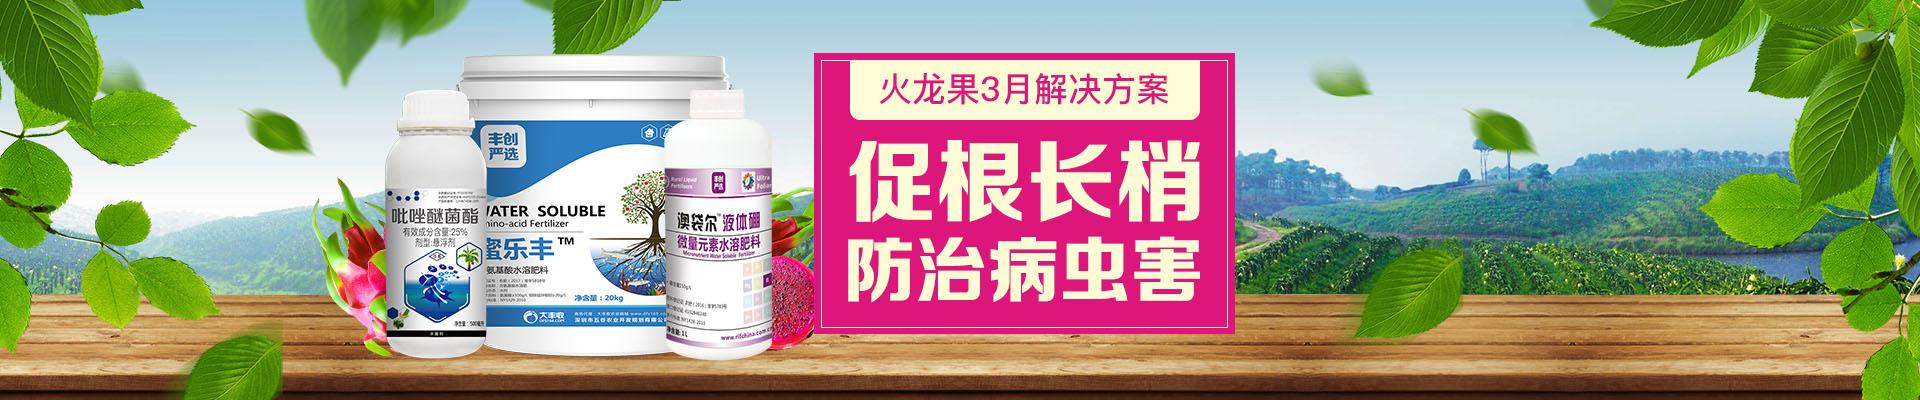 【2月】火龙果卖场